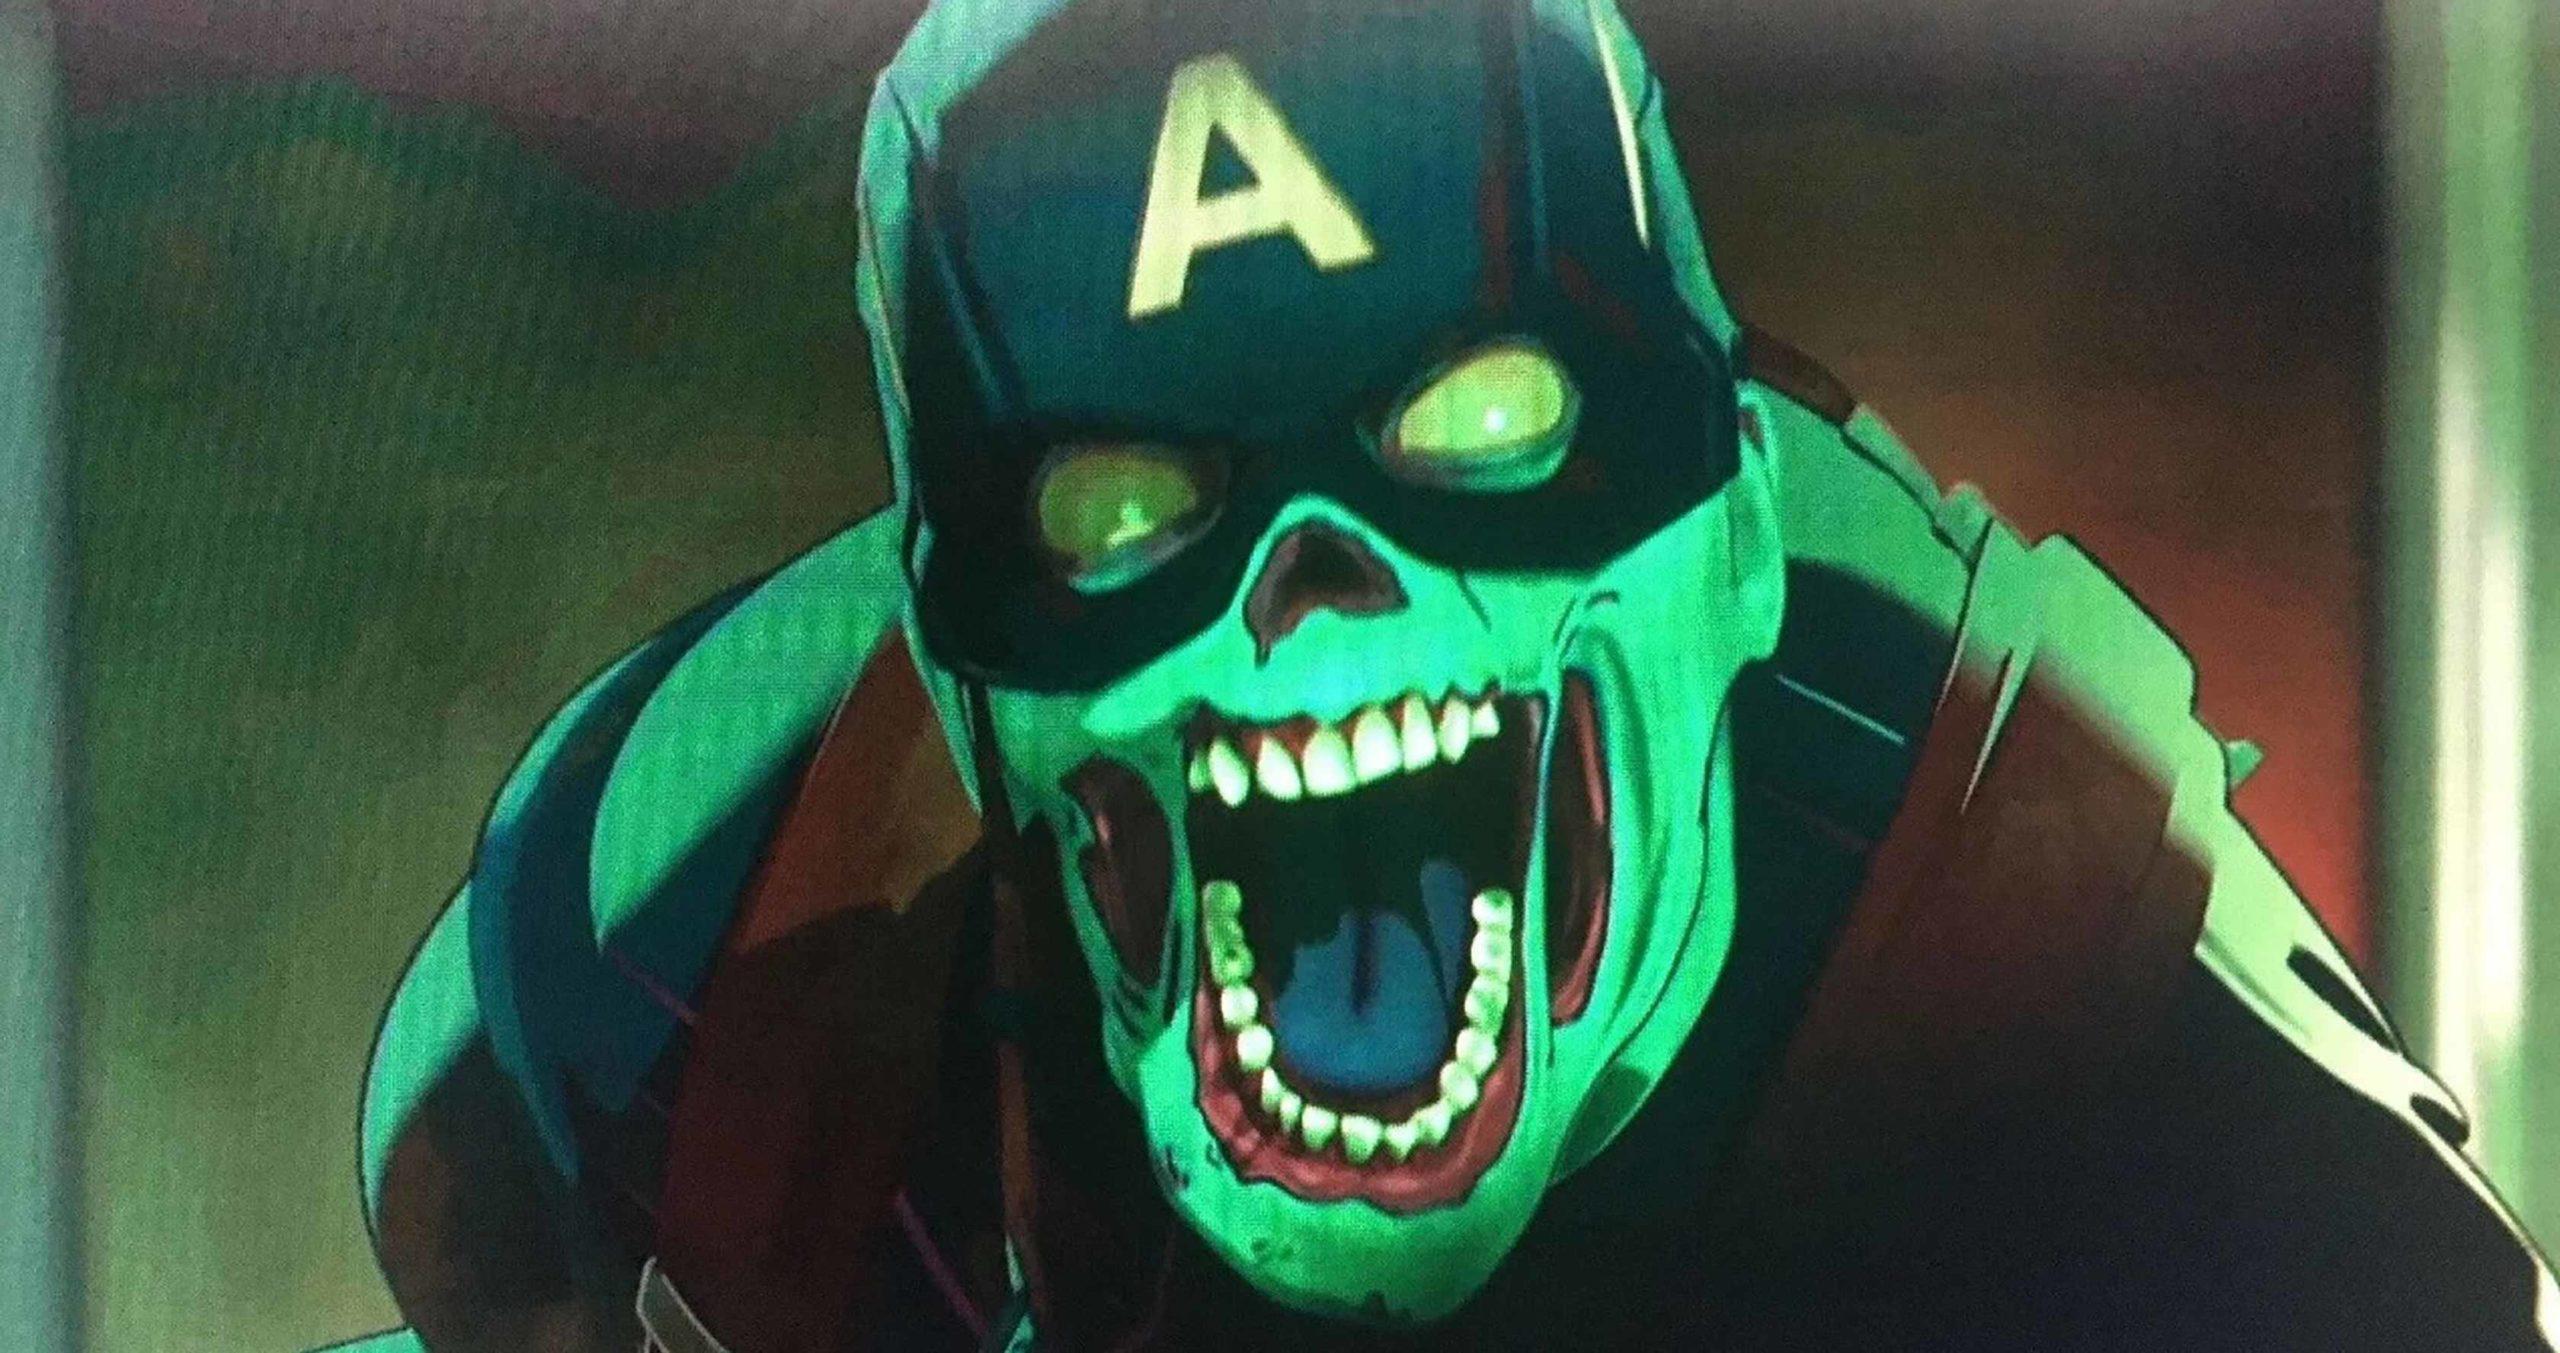 Marvel Studios What If? Zombie Captain America